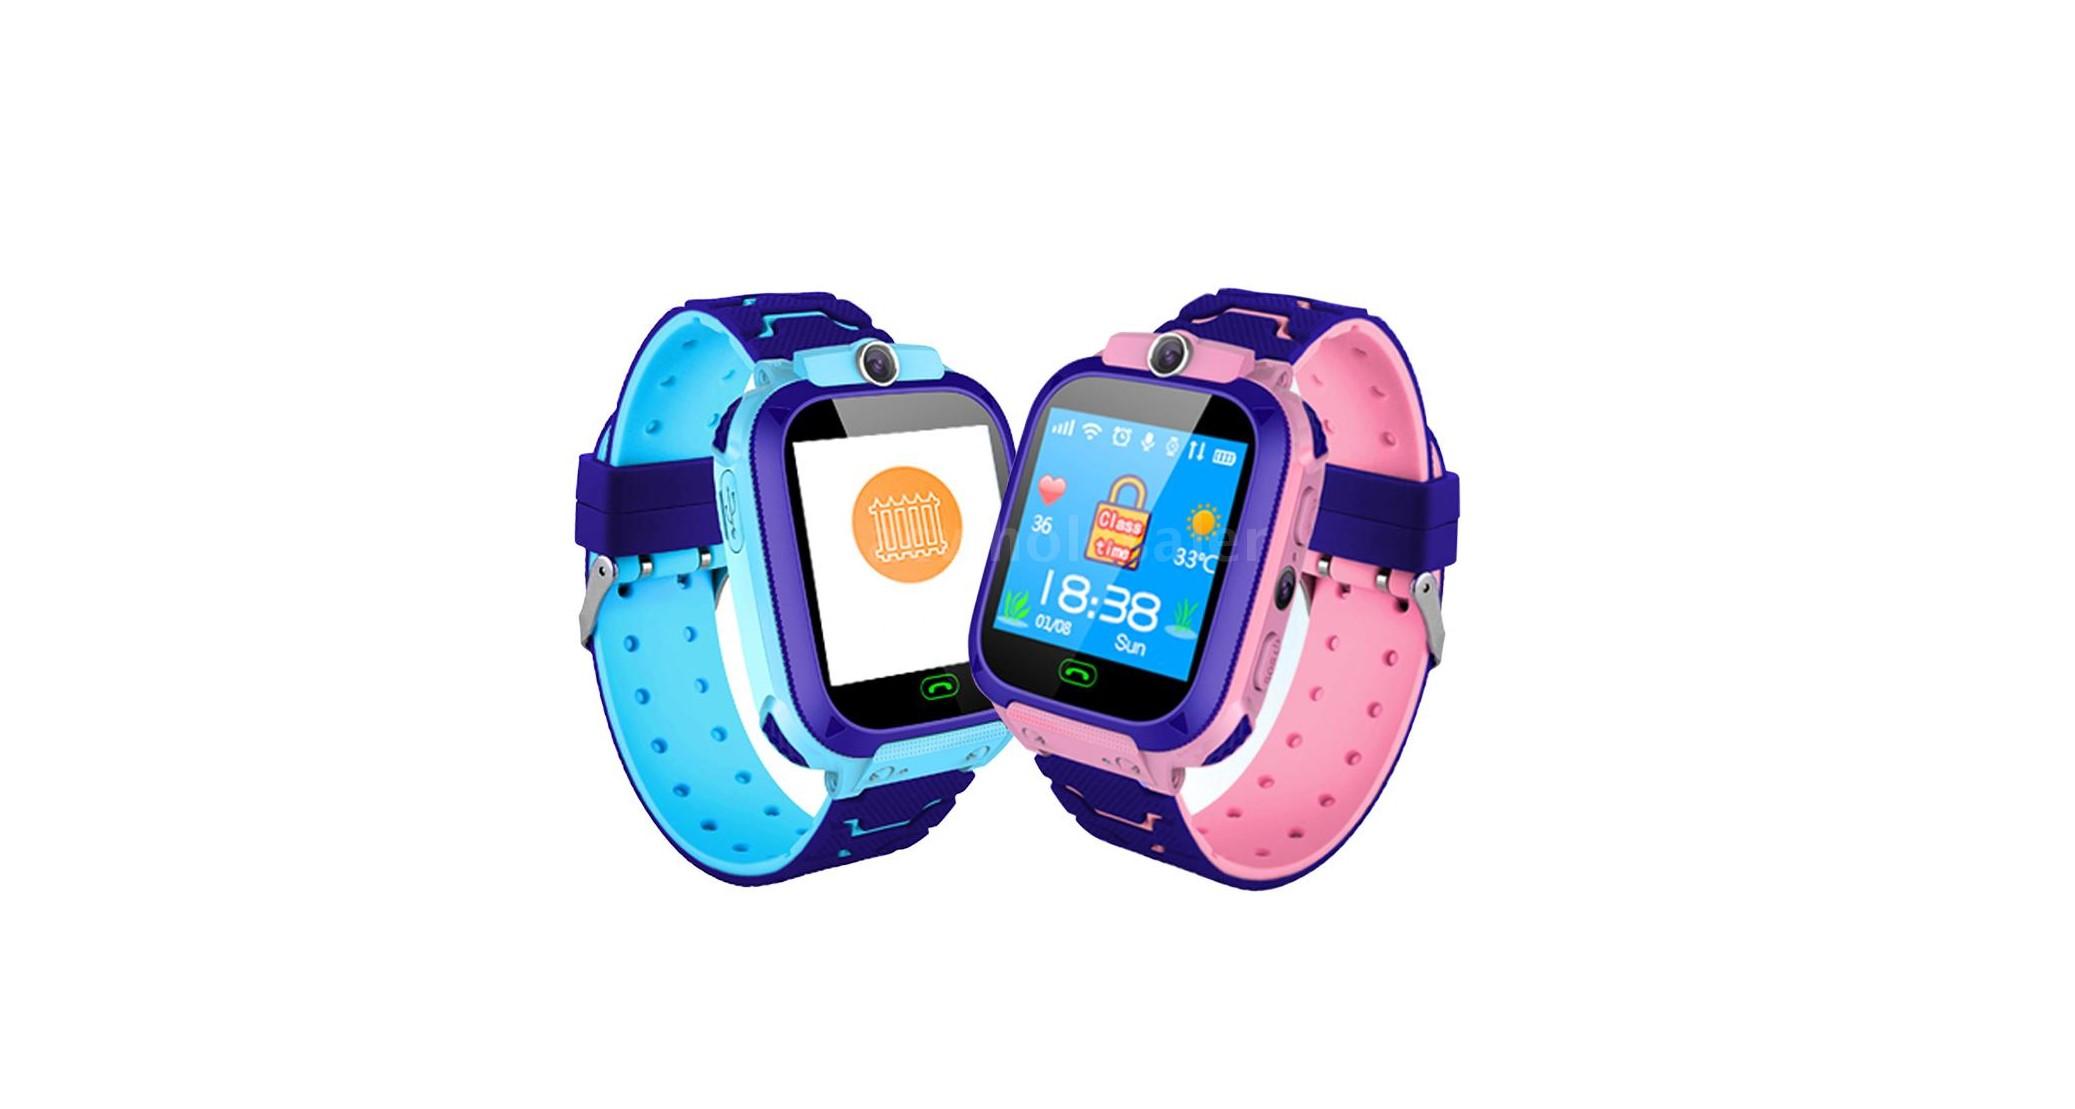 Chytré hodinky pro děti jen za 215 Kč! [sponzorovaný článek]